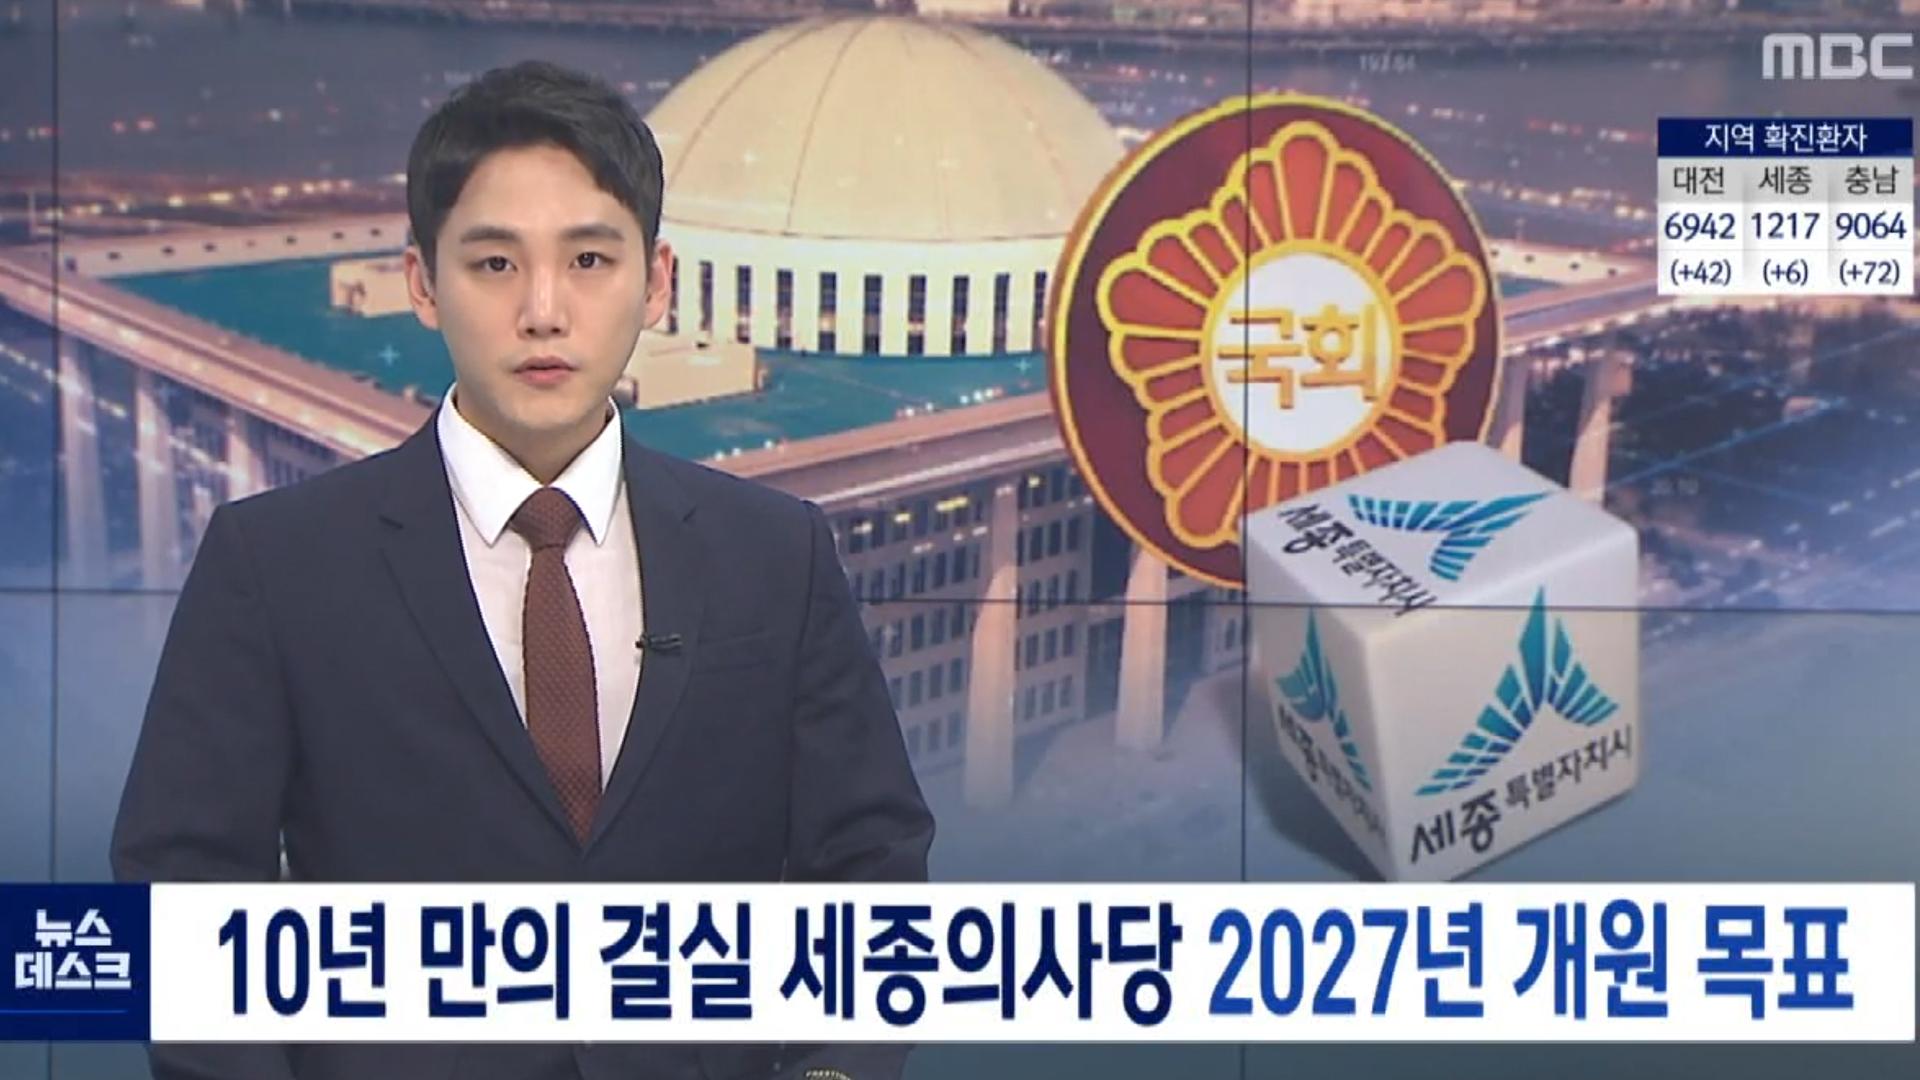 <대전 MBC> 10년 만의 결실 세종의사당 2027년 개원 목표.